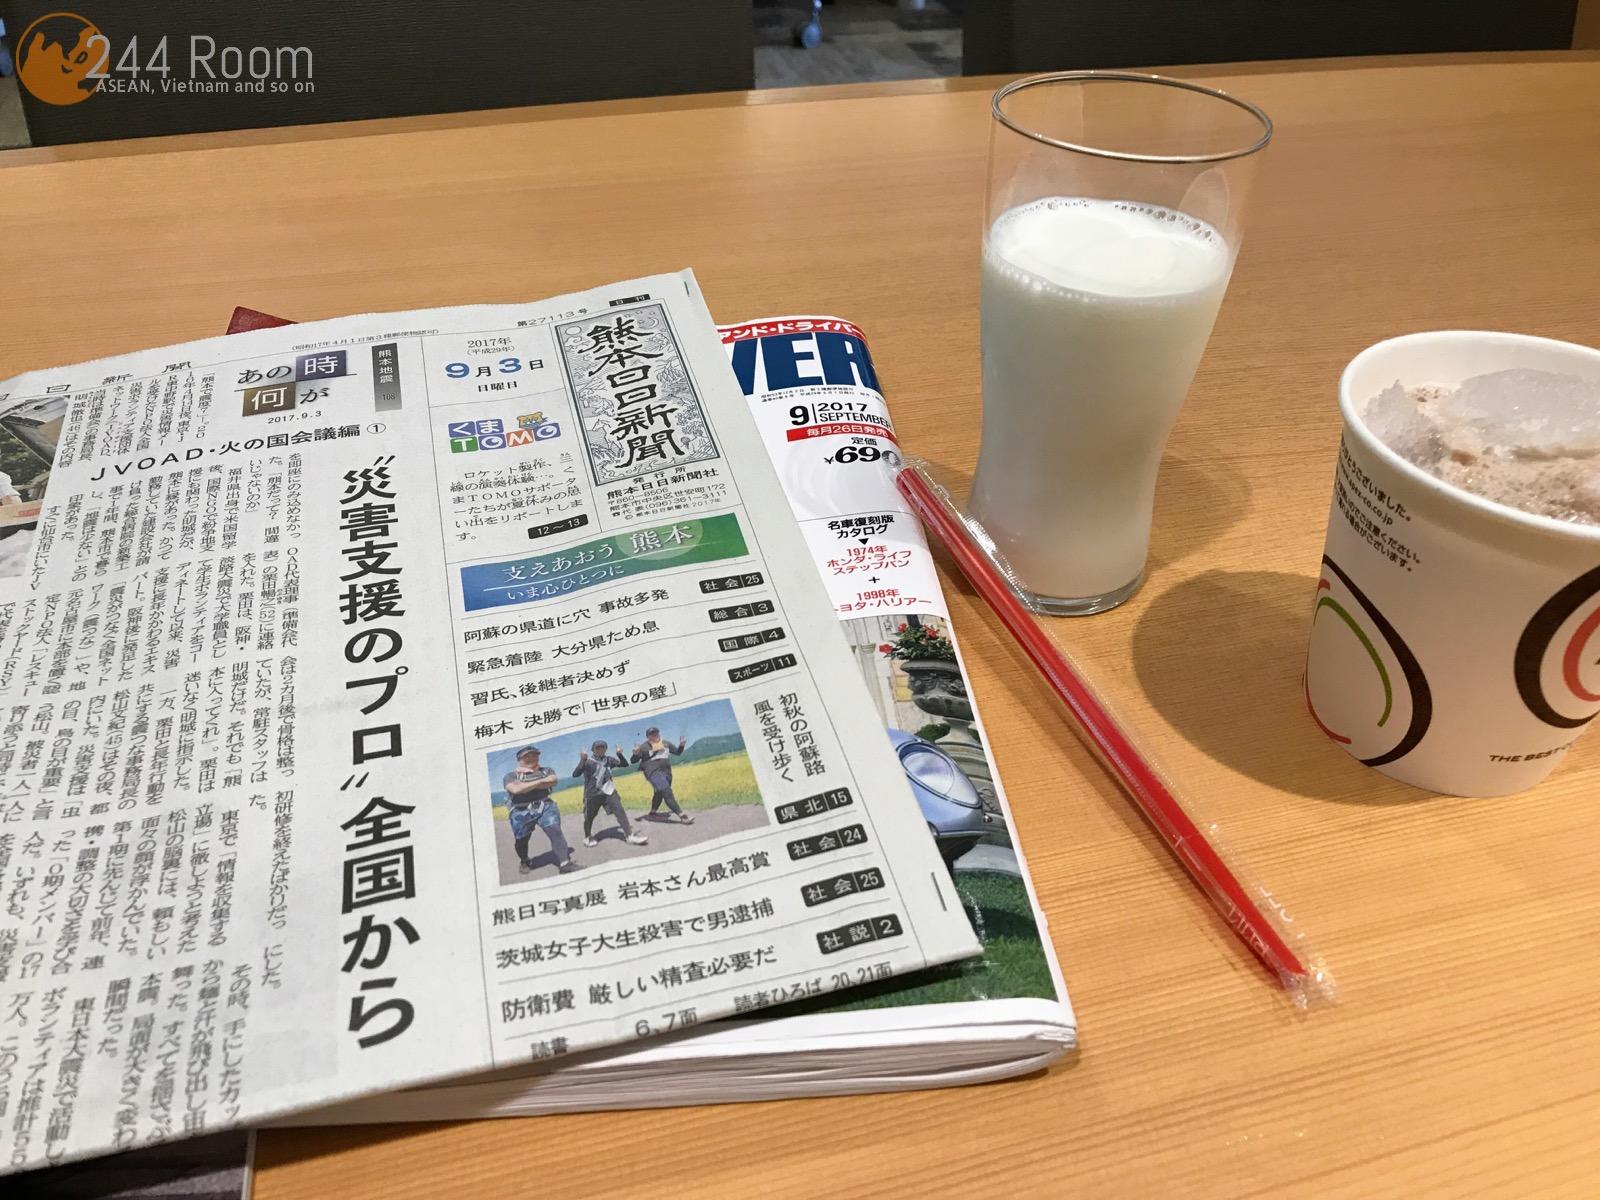 ASO Lounge 阿蘇くまもと空港 「ASO」ラウンジ牛乳2